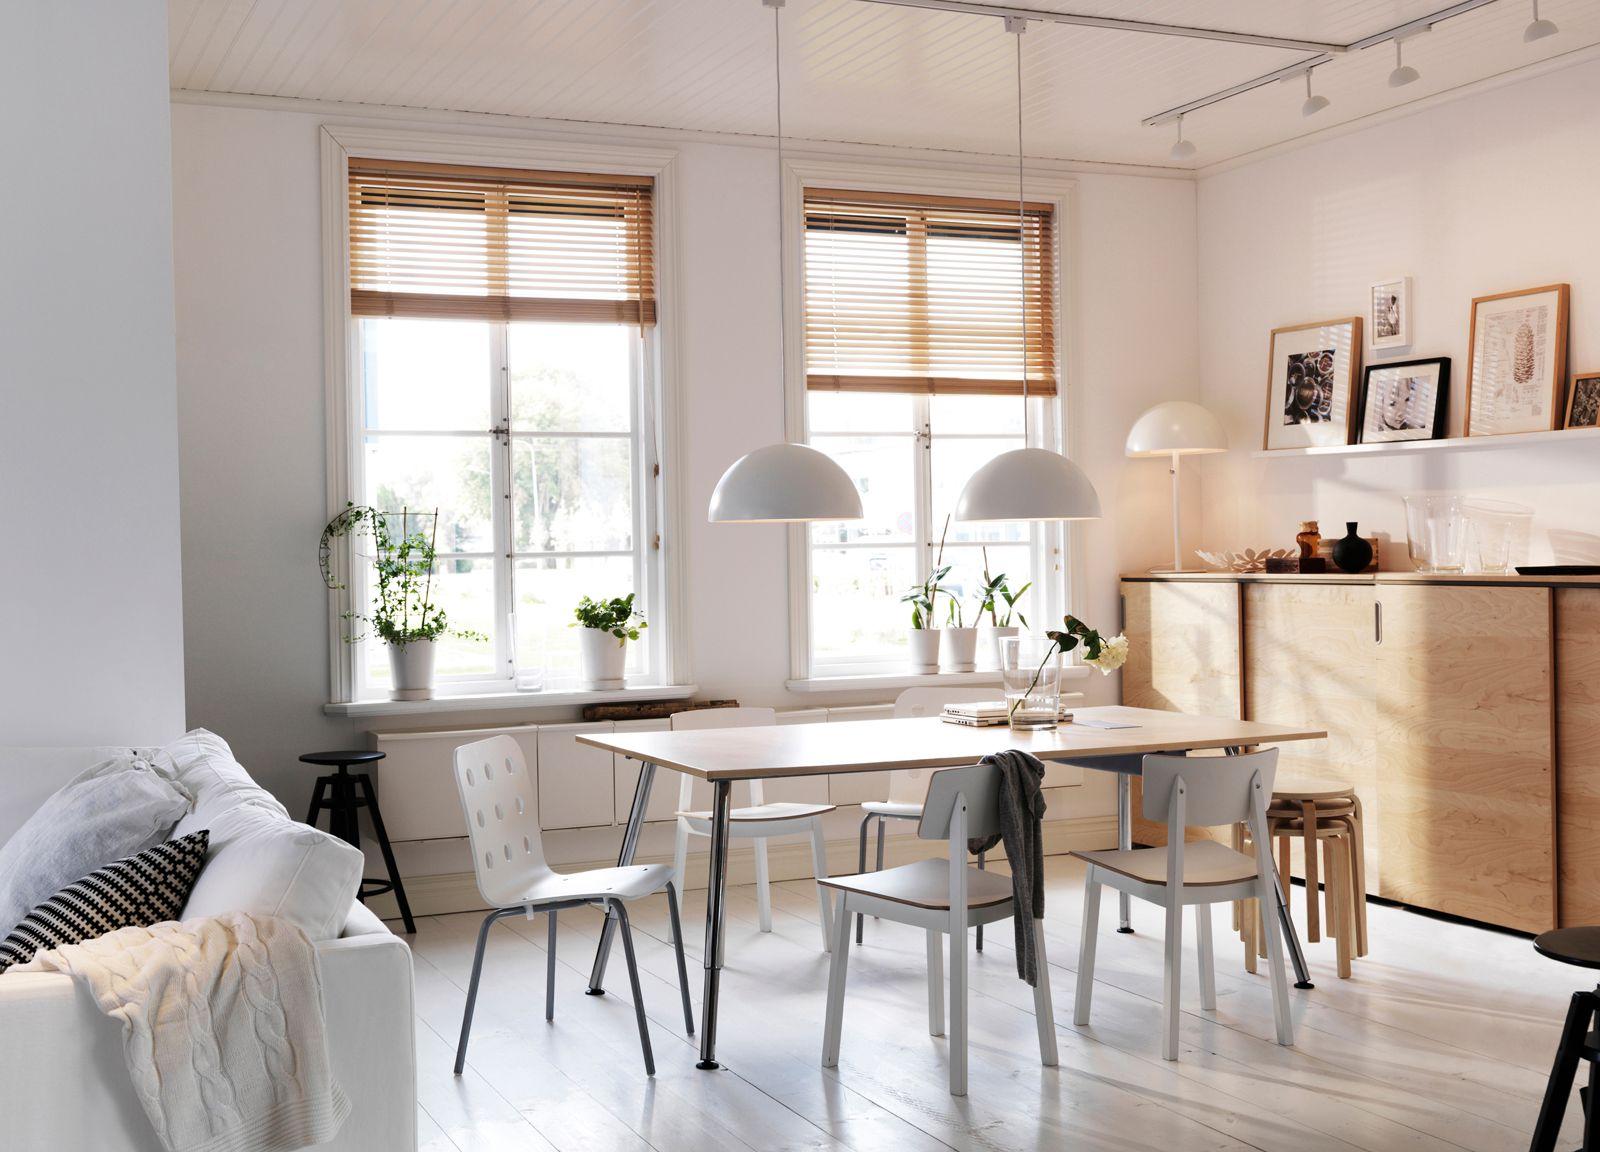 Tende Da Interni Moderne Per Cucina: Tende per interni moderne ...